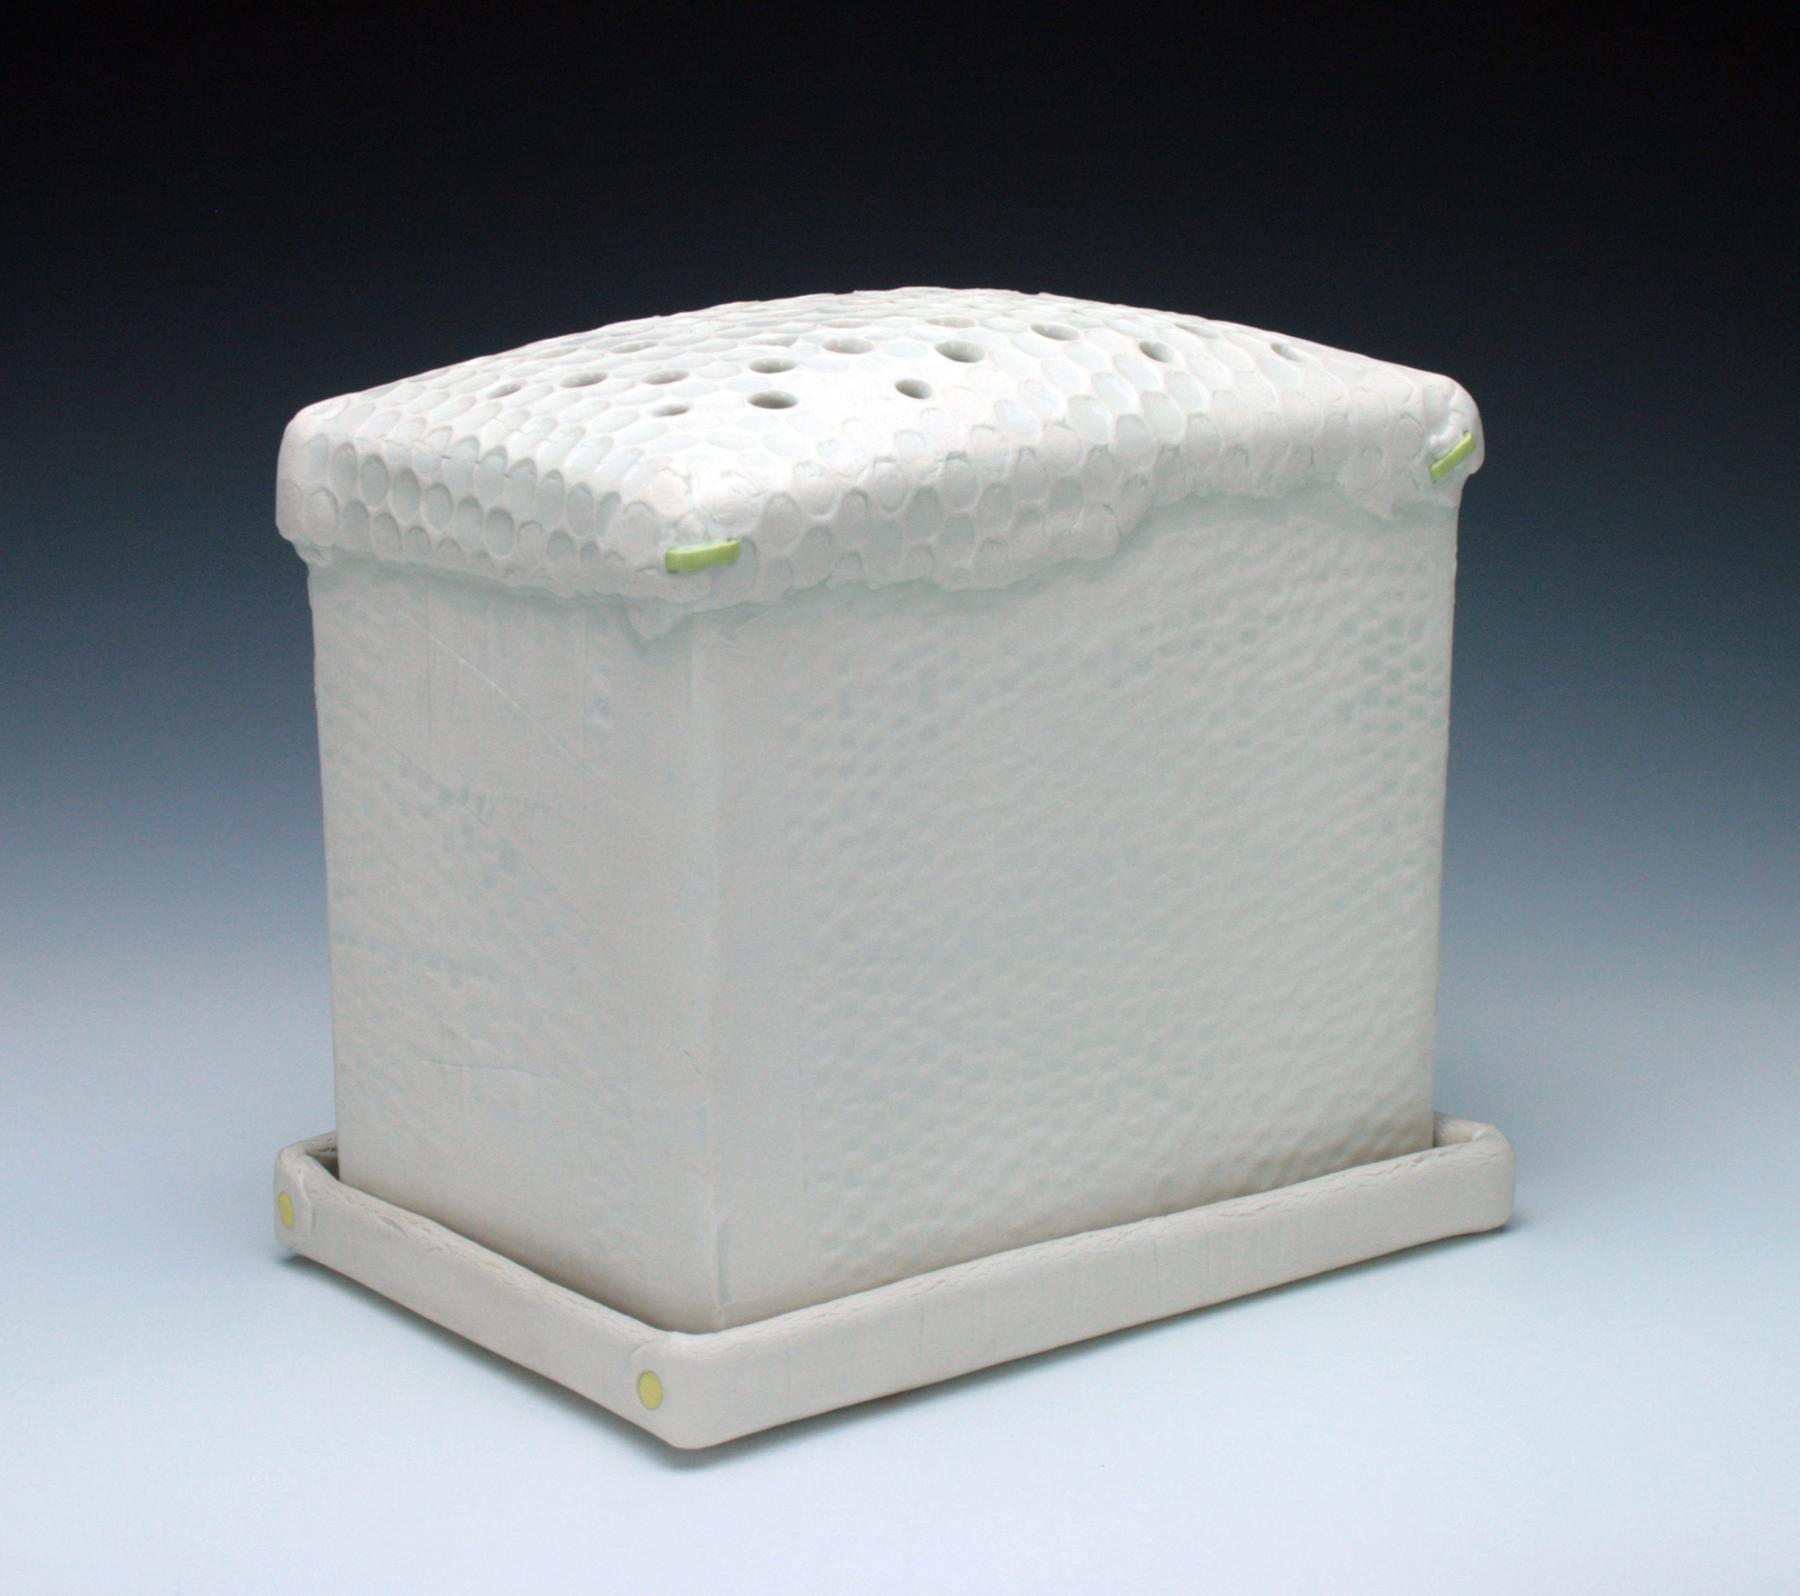 Bonilyn Parker, Flowerbox, ceramic